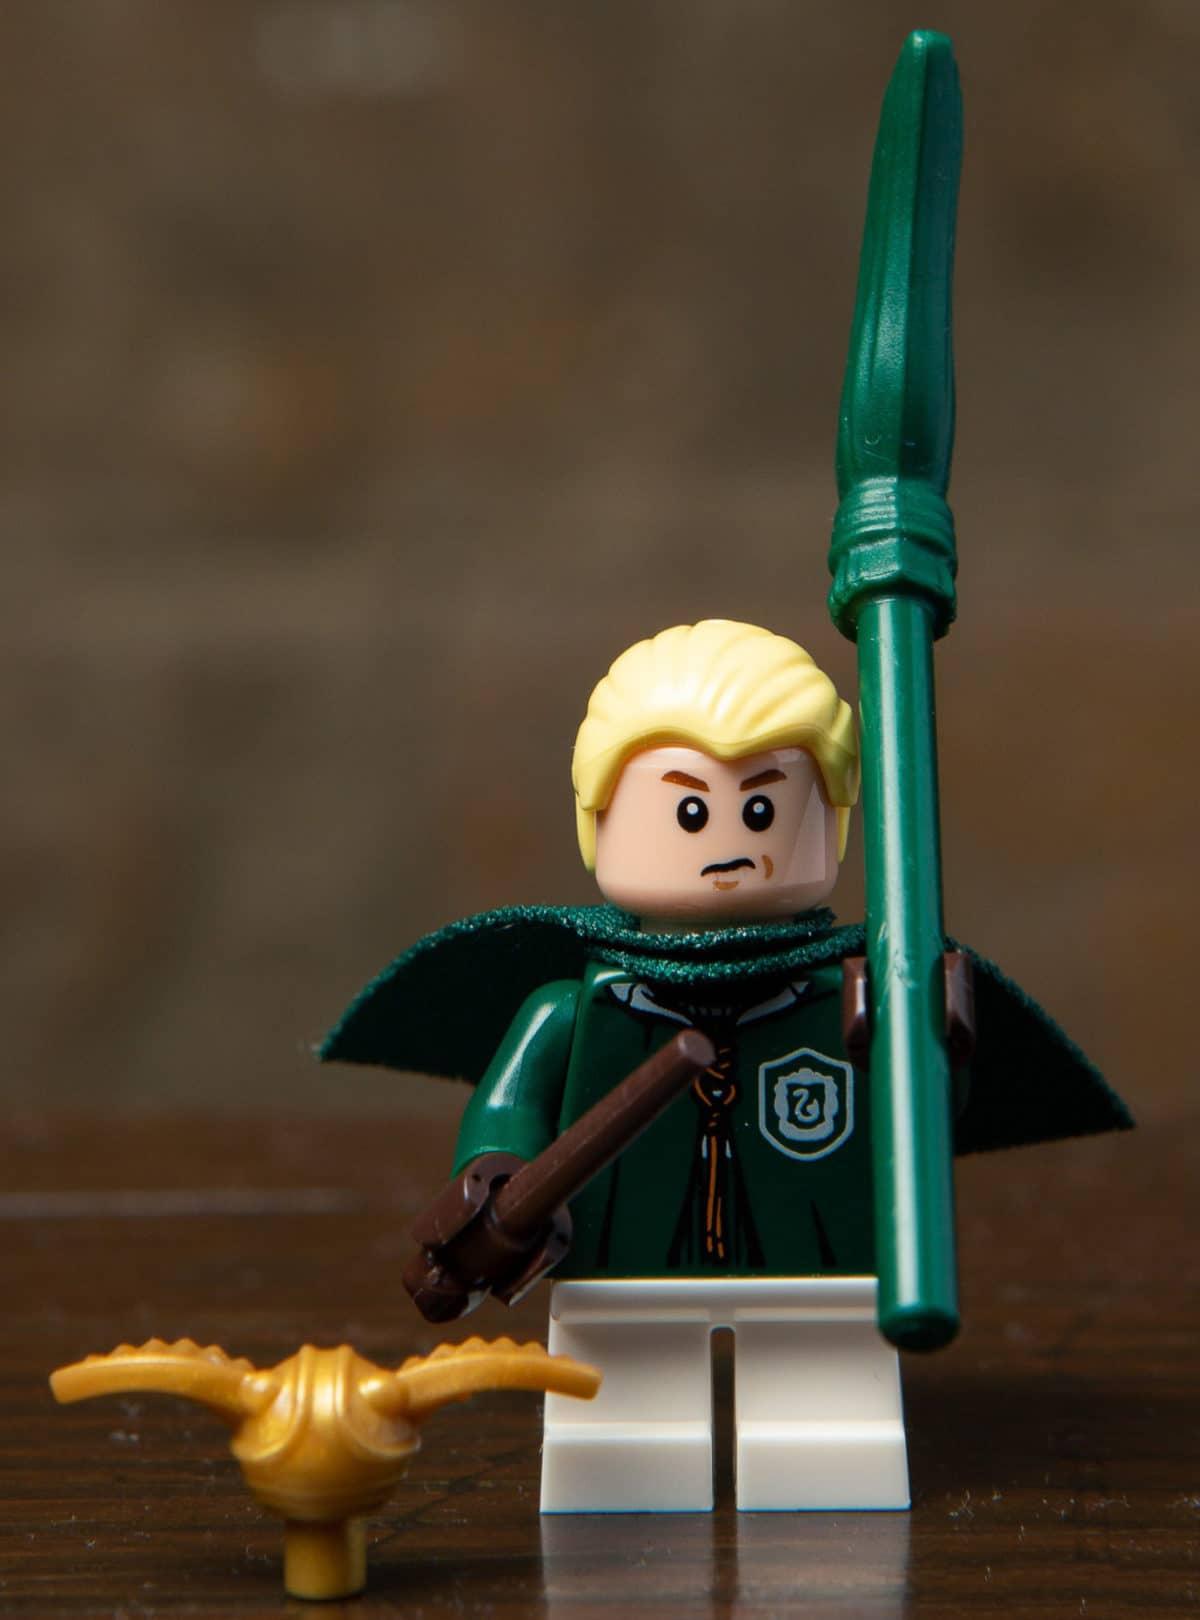 LEGO 71022 Draco Malfoy